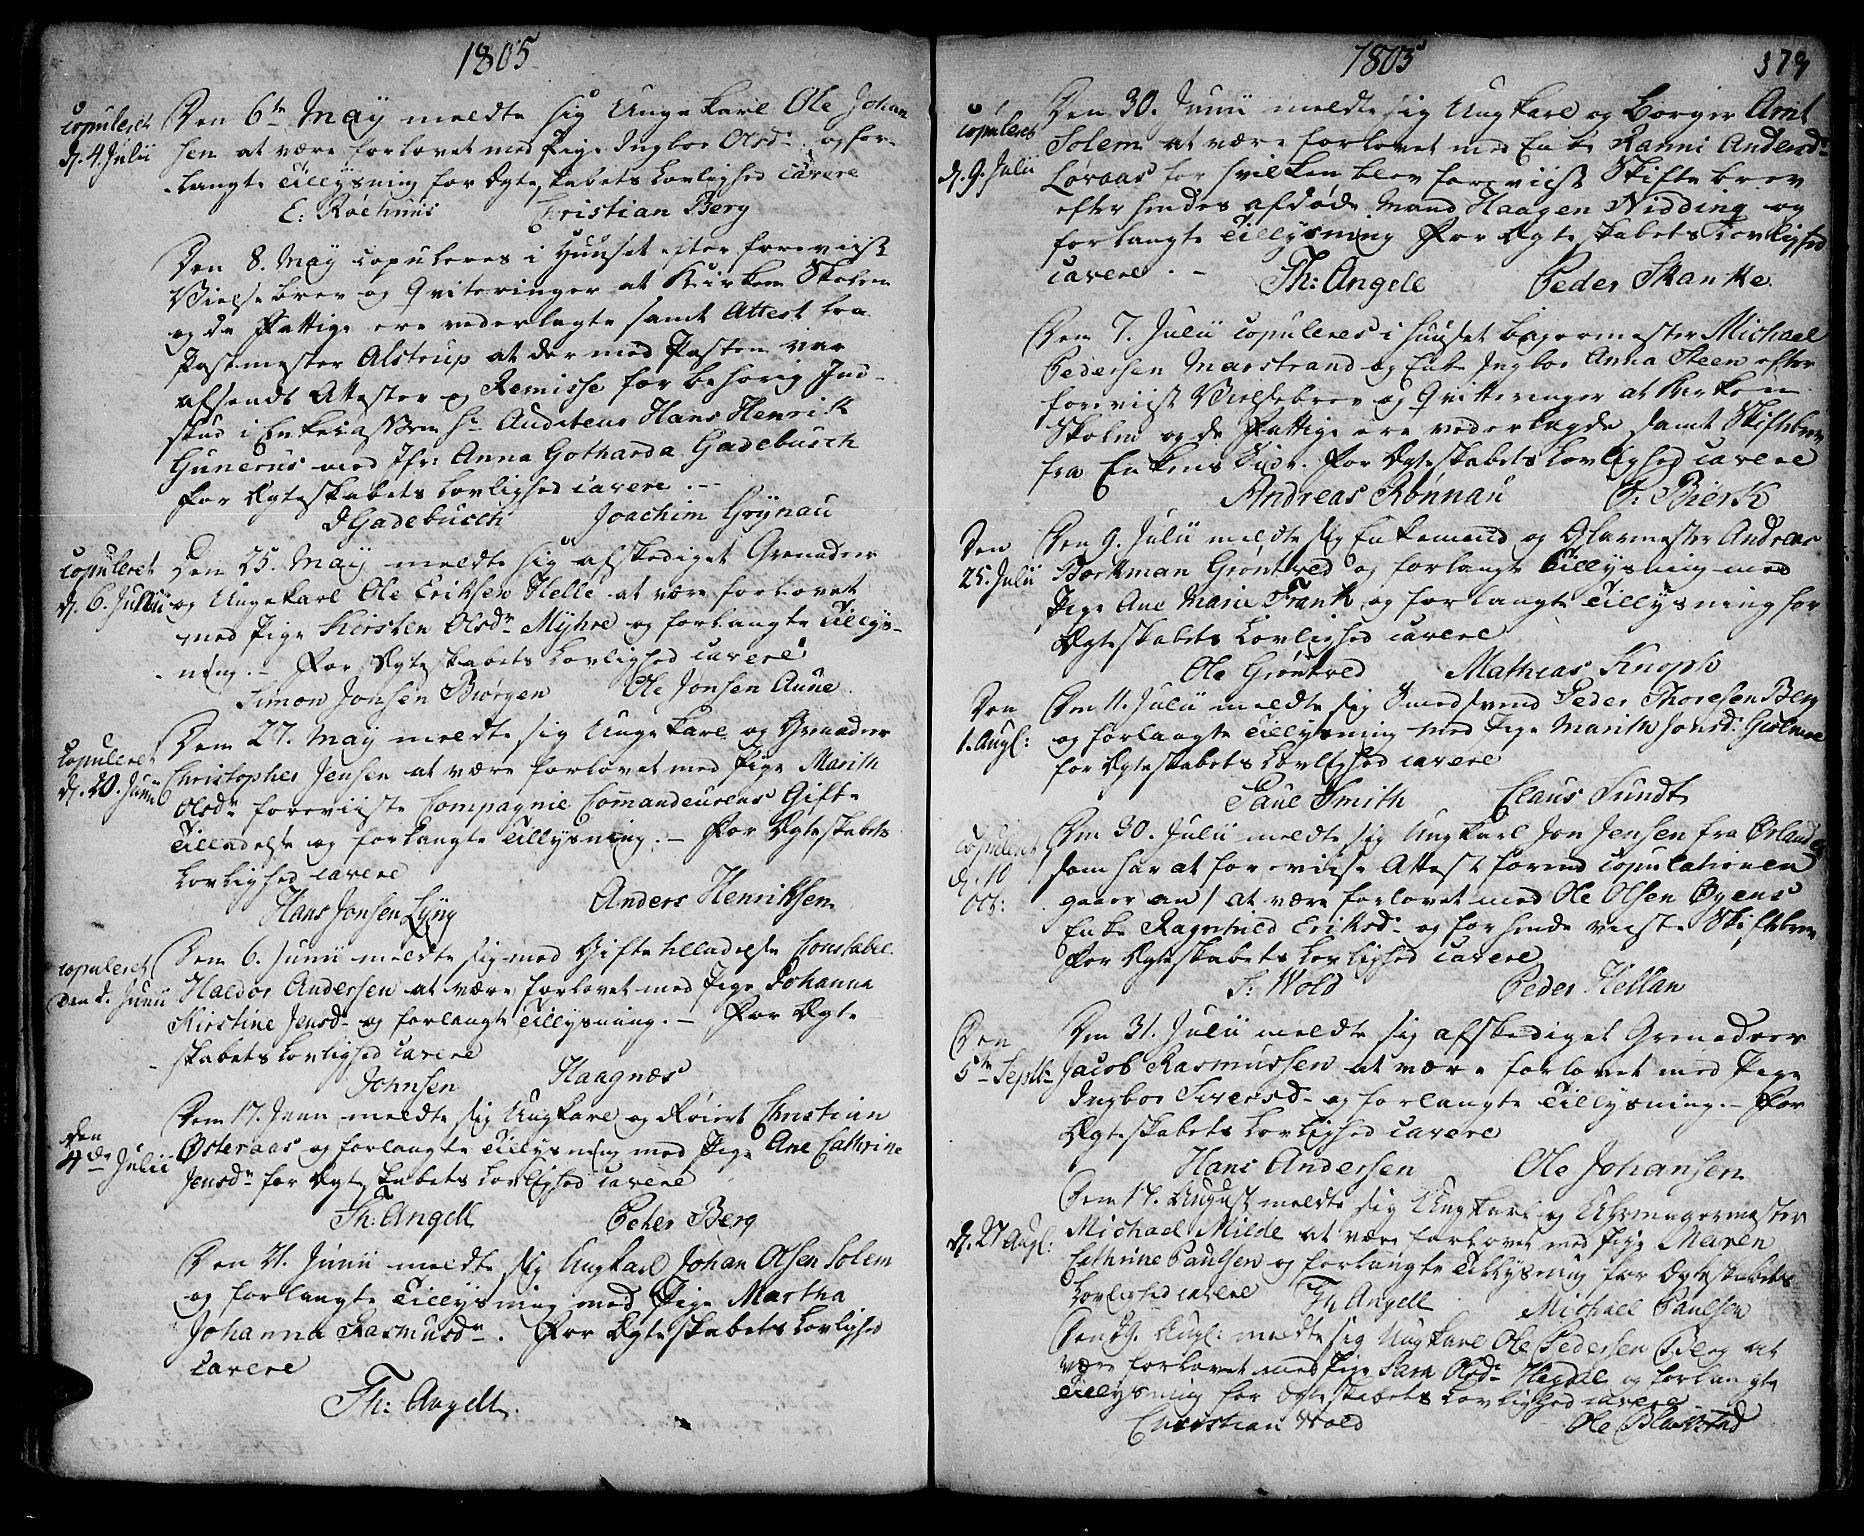 SAT, Ministerialprotokoller, klokkerbøker og fødselsregistre - Sør-Trøndelag, 601/L0038: Ministerialbok nr. 601A06, 1766-1877, s. 379